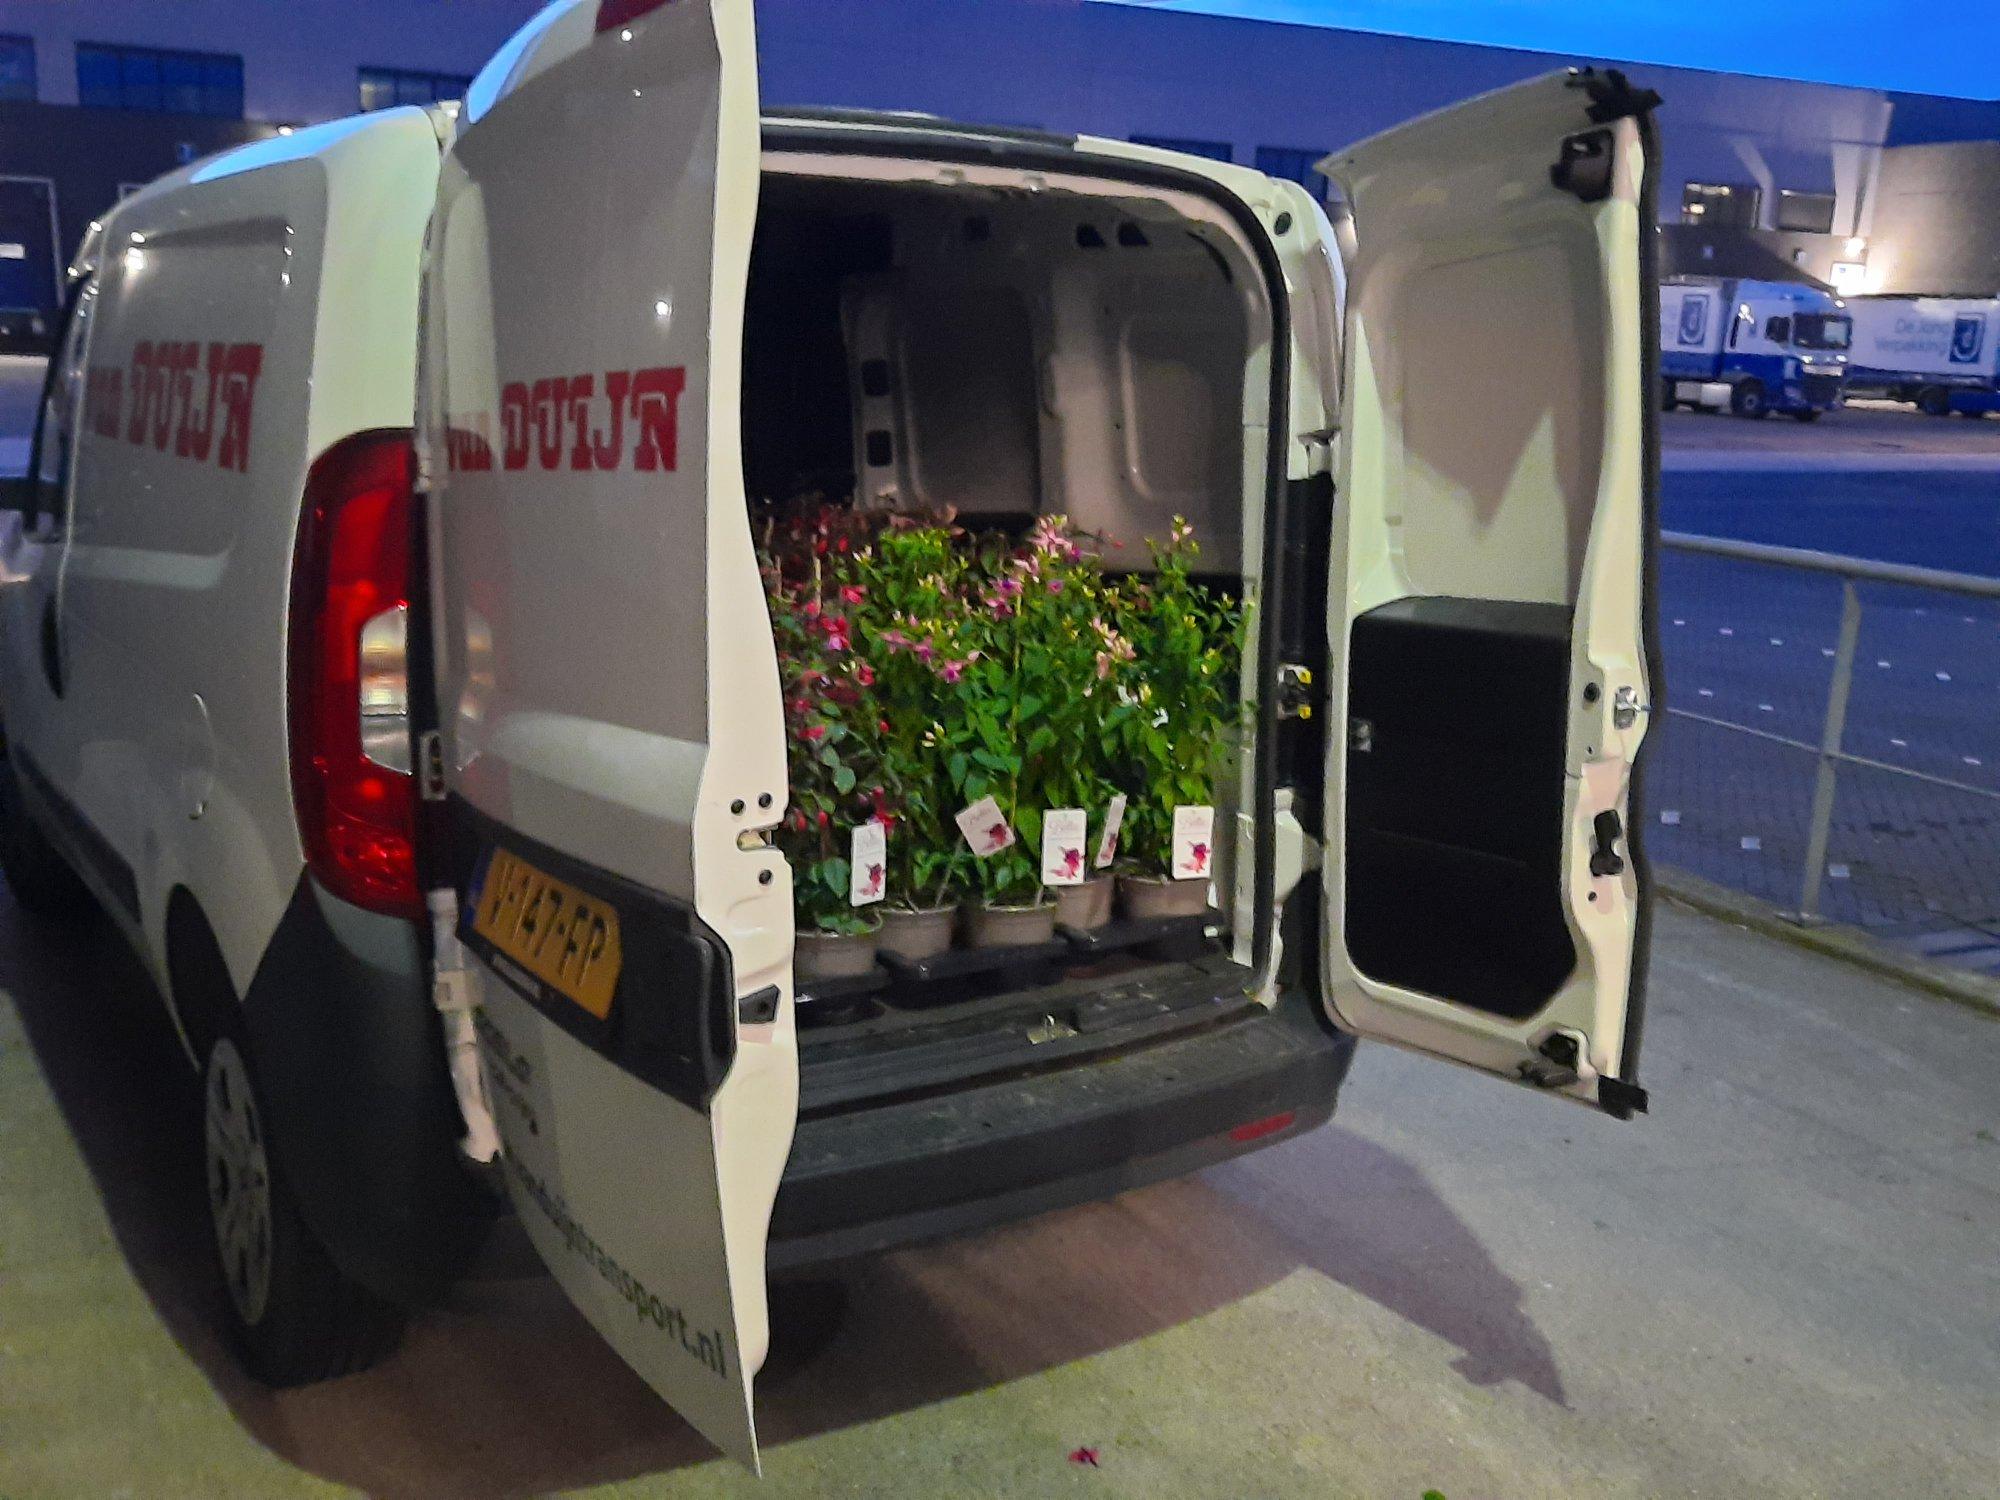 sneltransport-80-planten-geschonken-aan-het-personeel-van-Cardia-Den-Haag